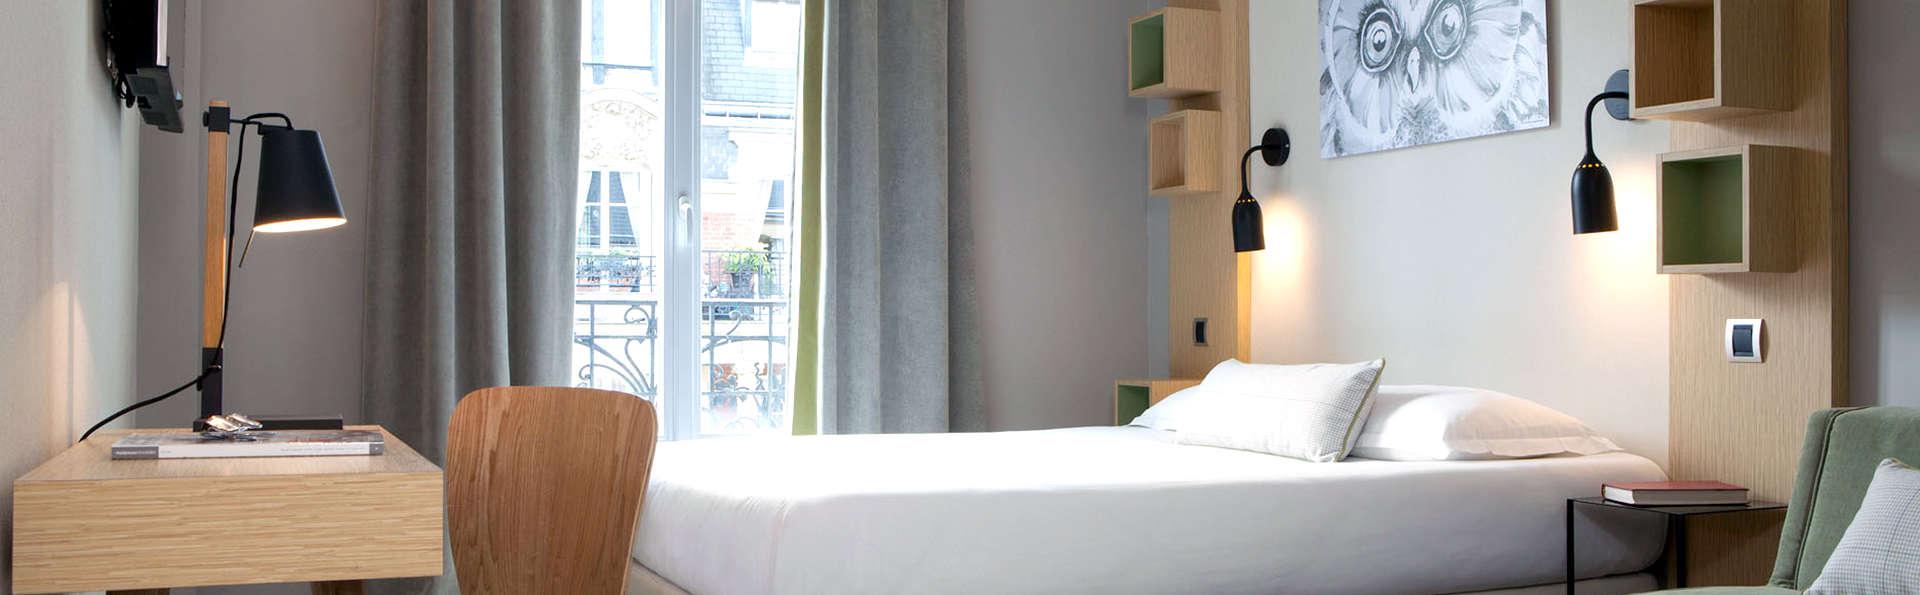 Chouette Hotel - Edit_Room2.jpg